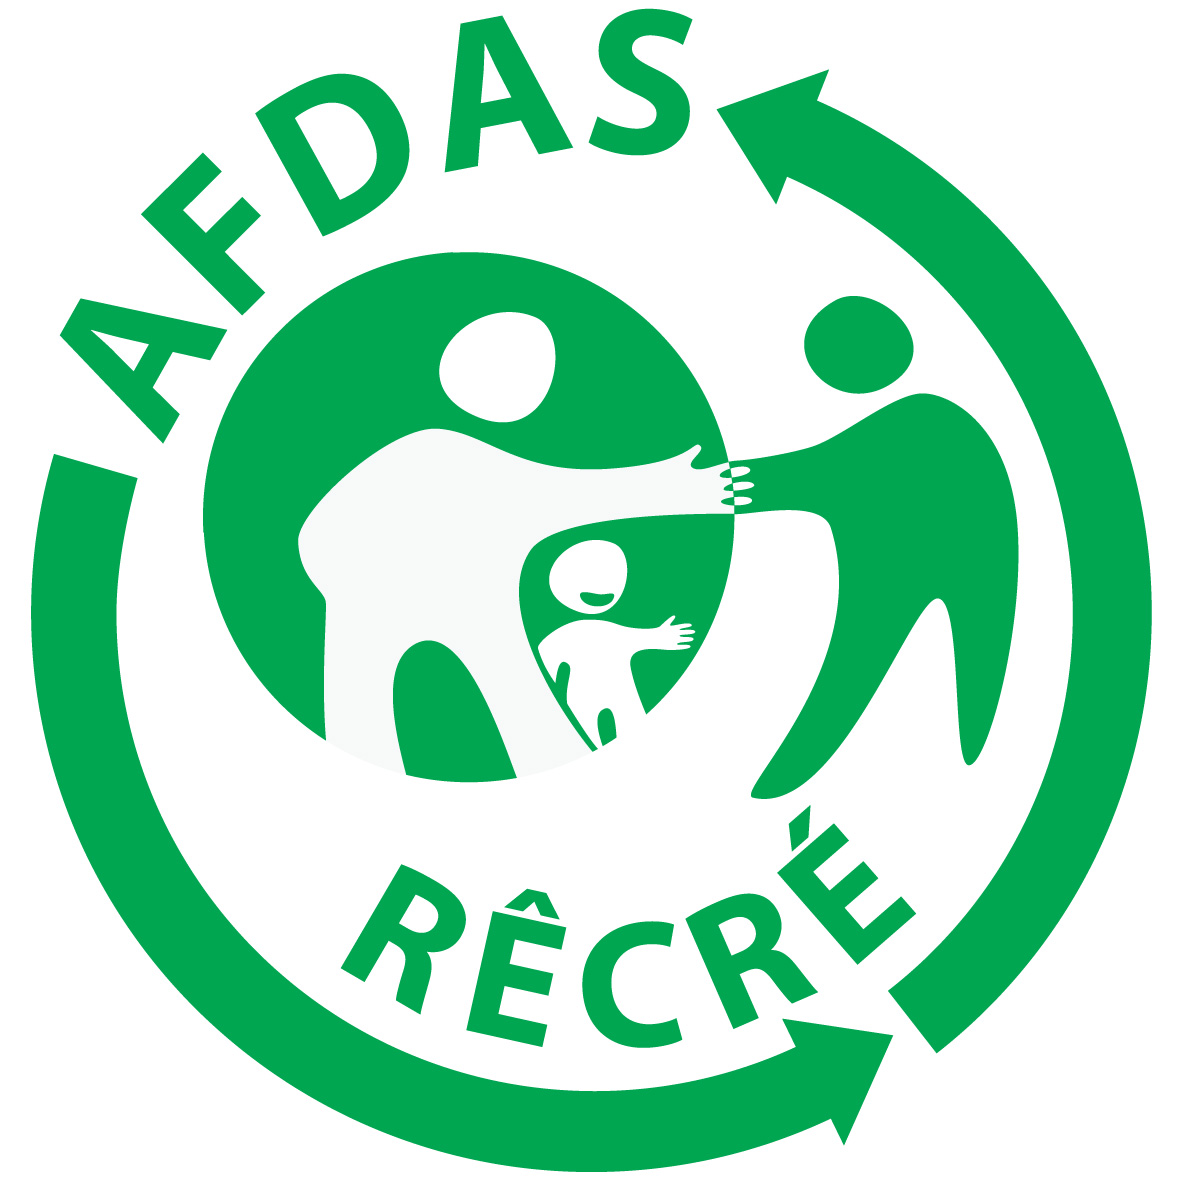 logo_1793_logo_afdas_recre_10x10_300dpi.jpg